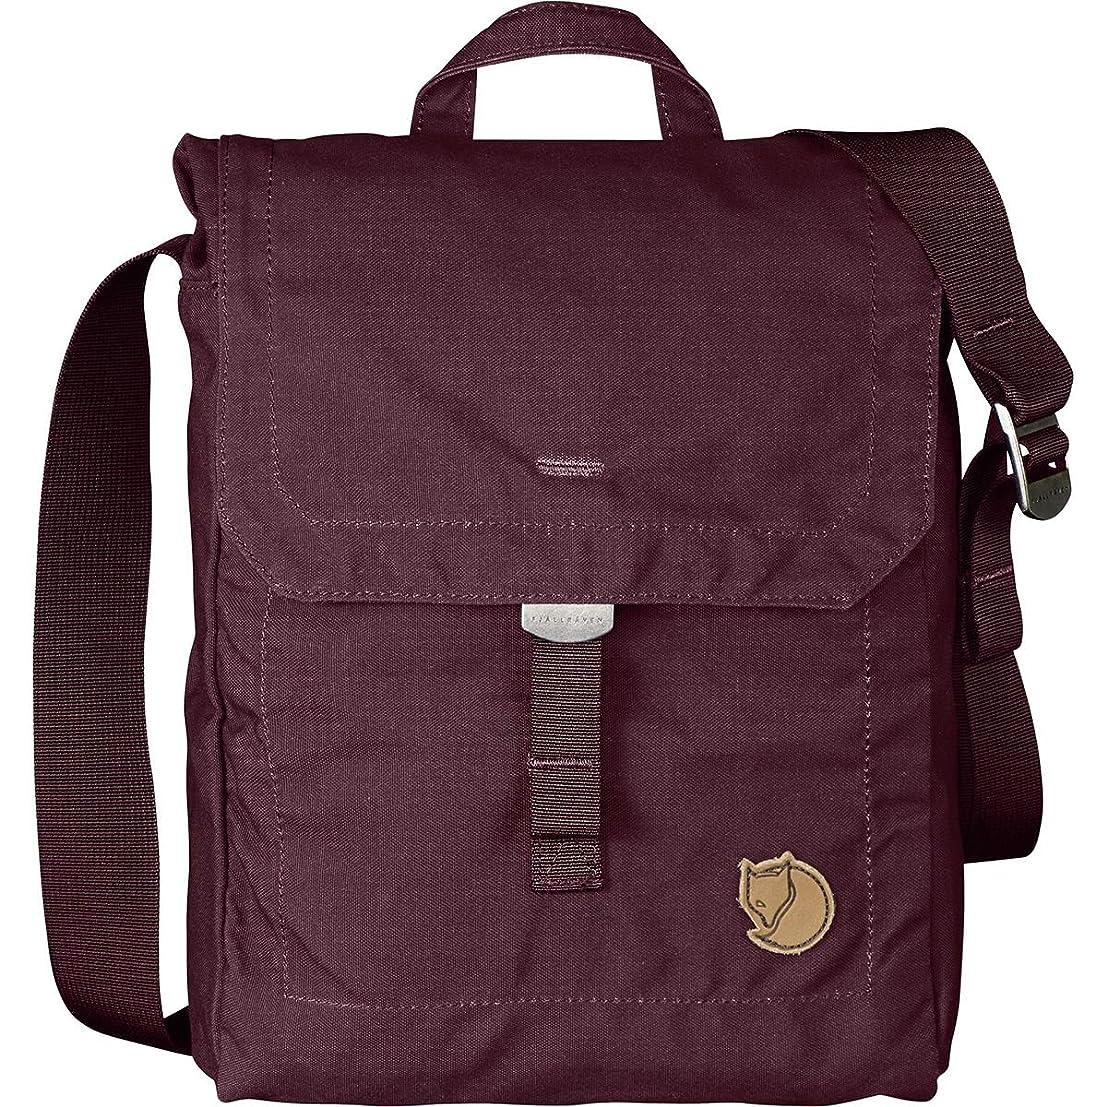 コメンテーター決定伴う[フェールラーベン] レディース ハンドバッグ Foldsack No.3 Shoulder Bag - Women's [並行輸入品]